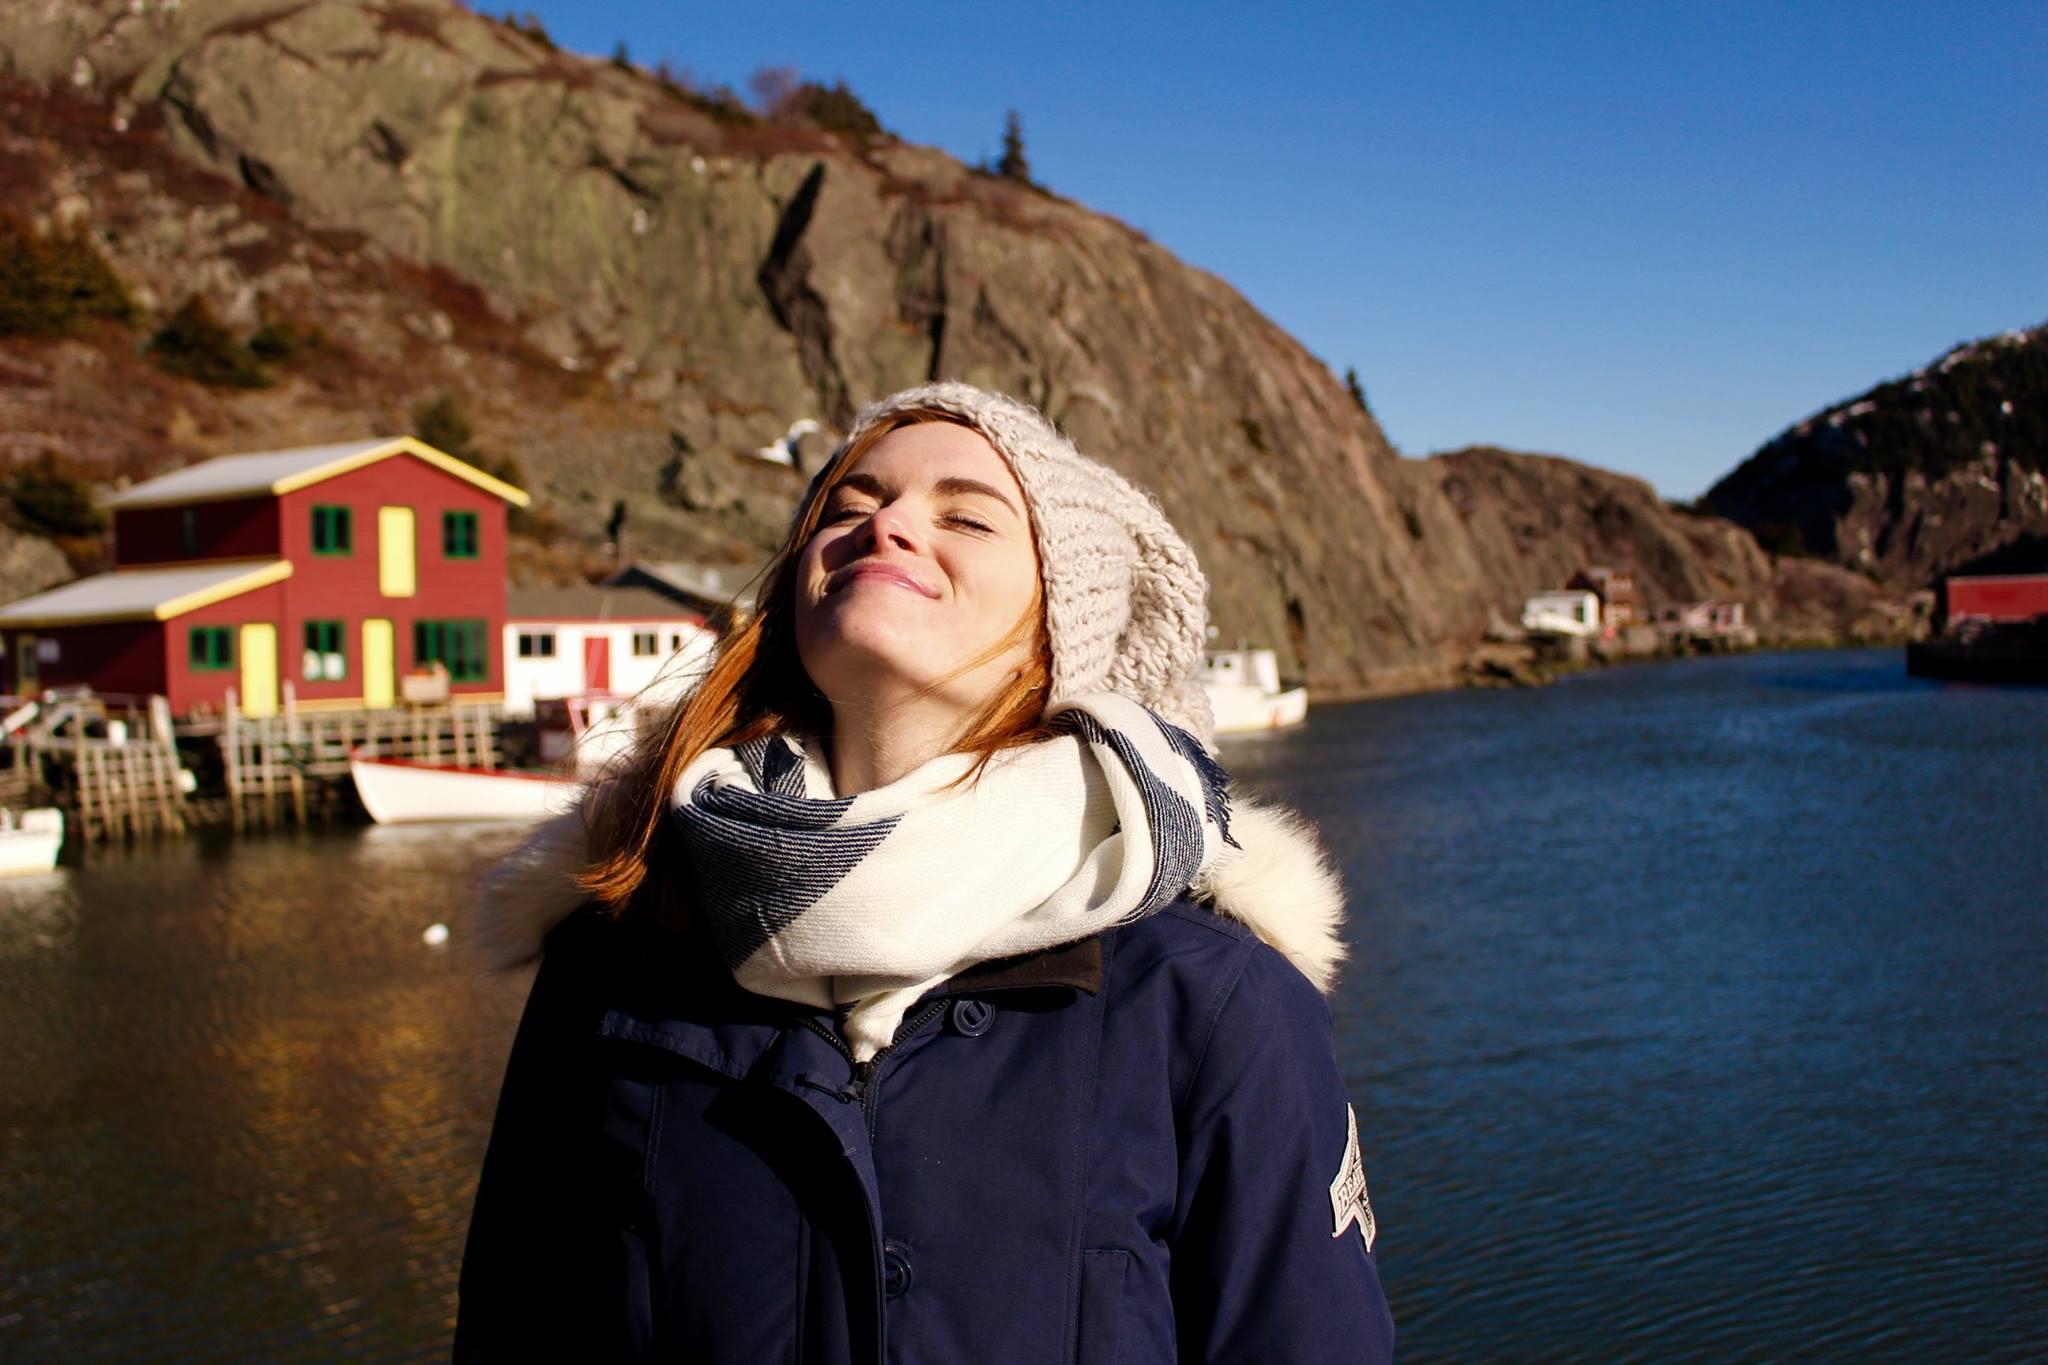 KaitlynCurren